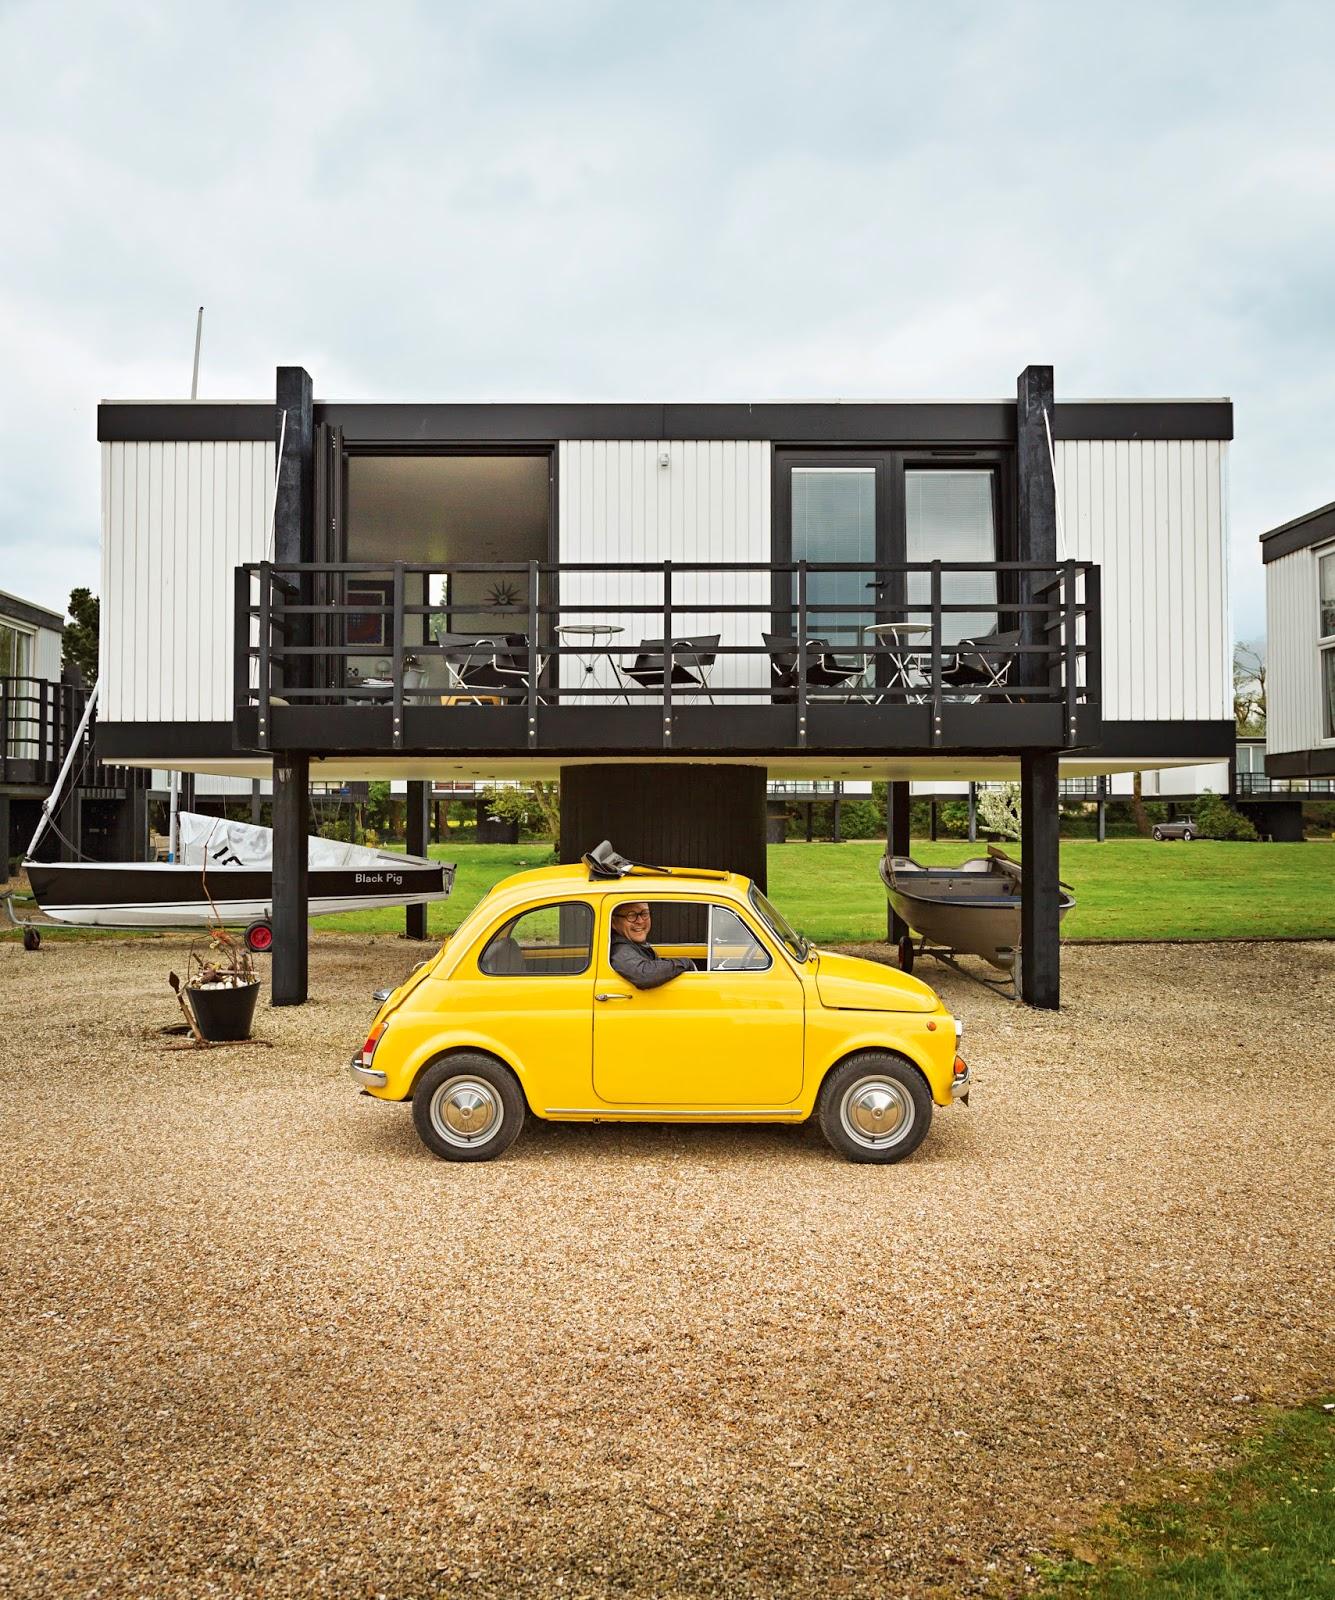 Strandhaus an der englischen Küste - der Wohntraium vieler!